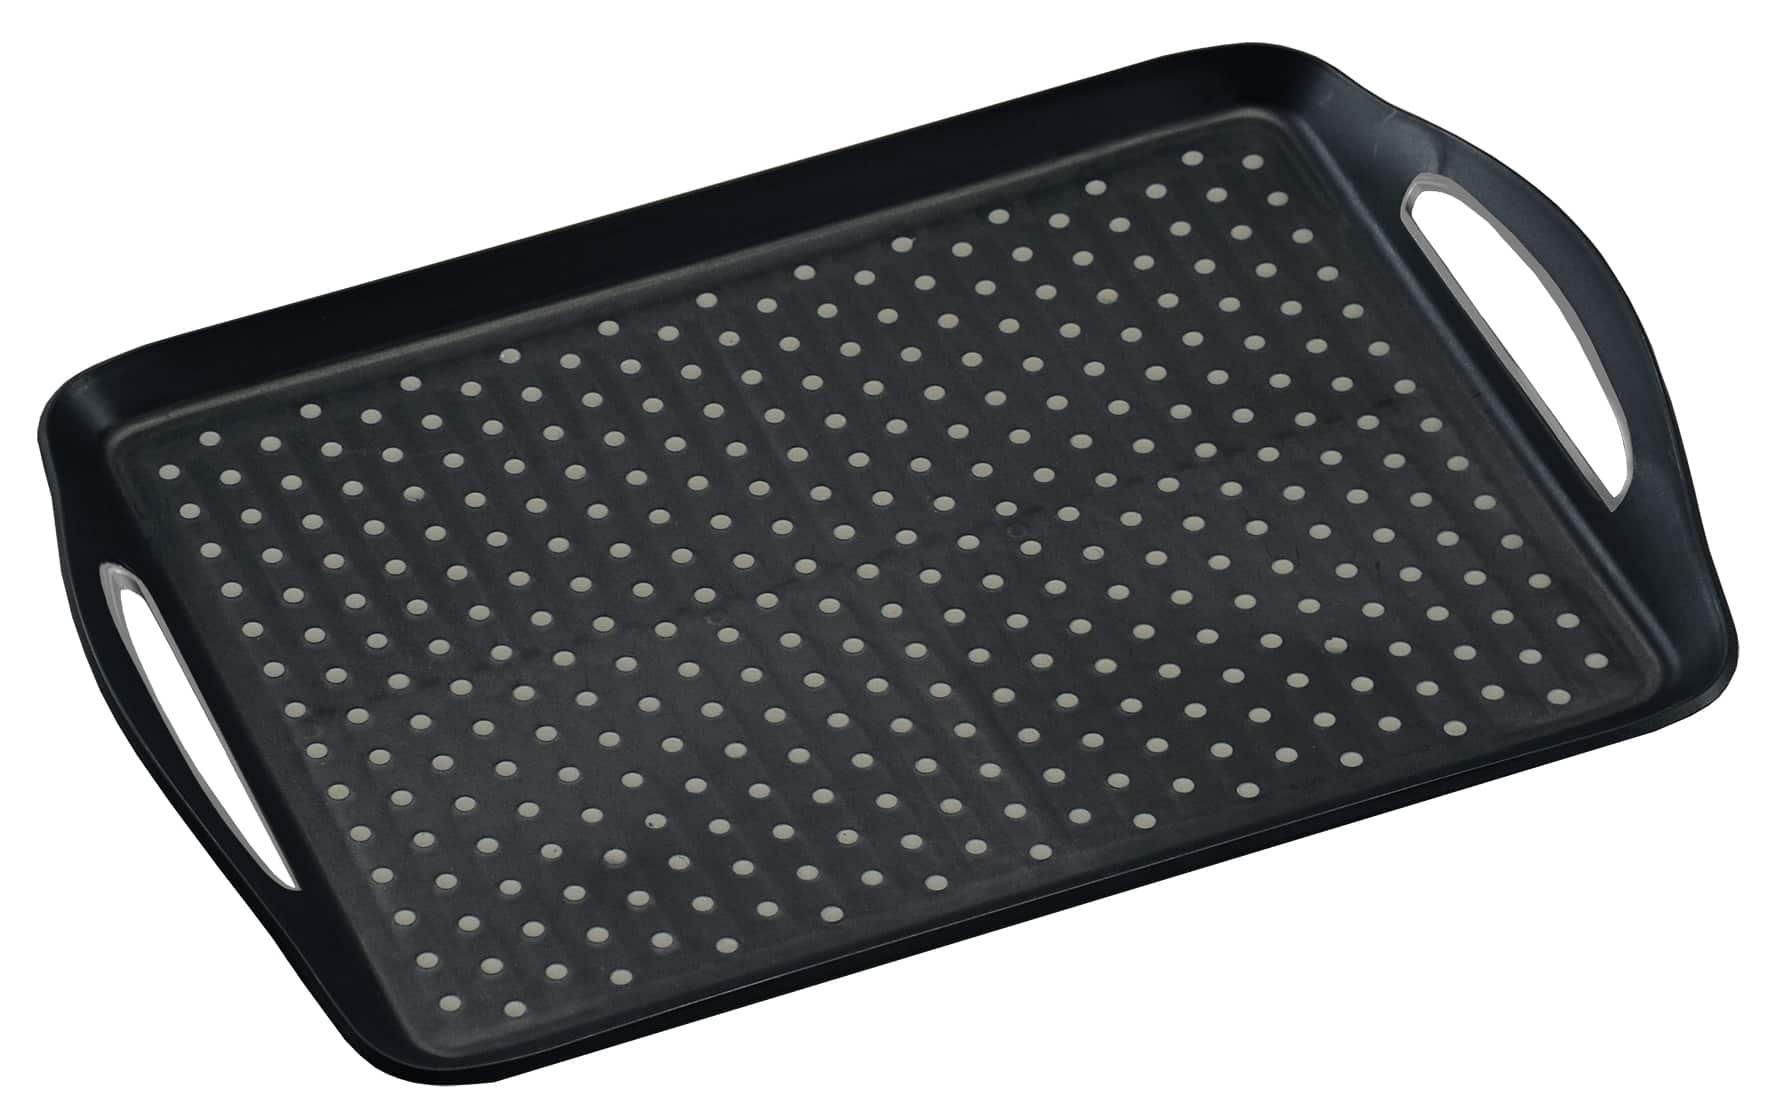 Anti-slip dienblad 45,5x32x4,5 cm - Dienblad Rechthoek - Zwart